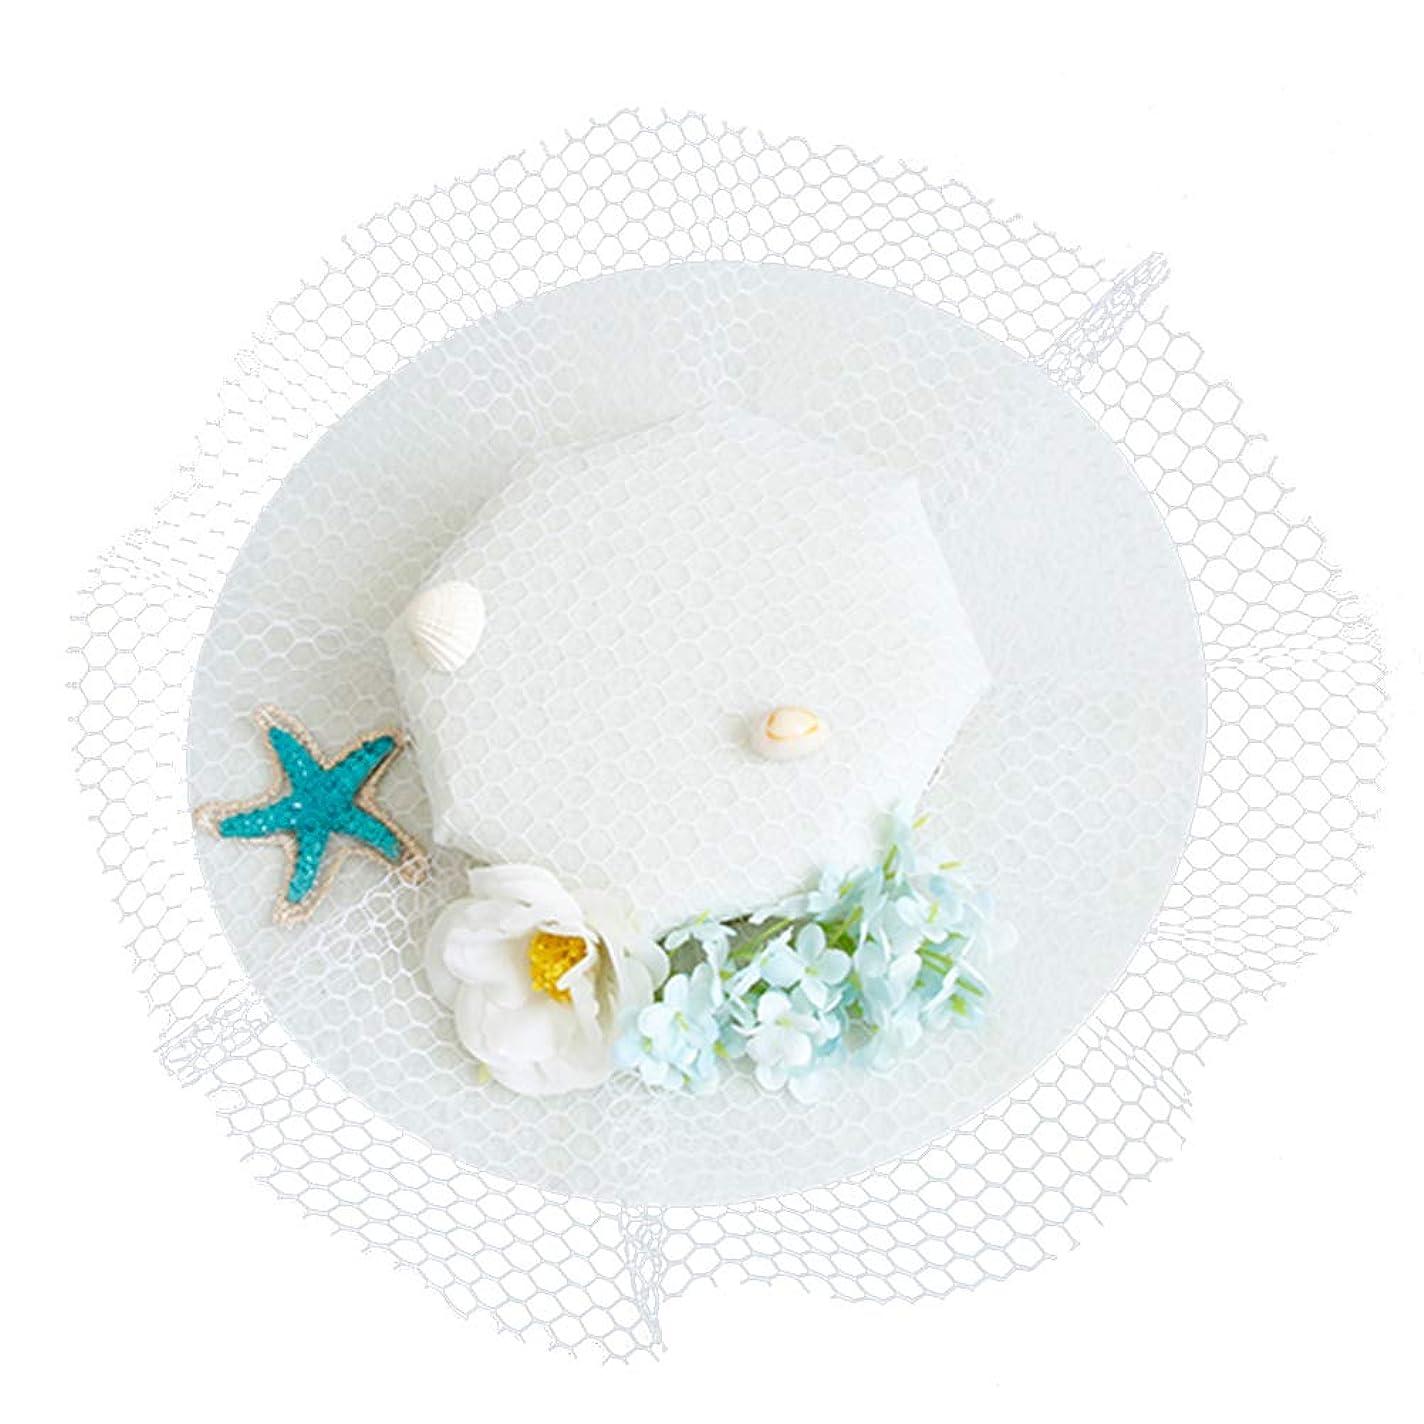 ブートバドミントンビリーLurrose 魅惑的な帽子ヘアピンフラワーシースターガーゼバレッタヘッドドレス